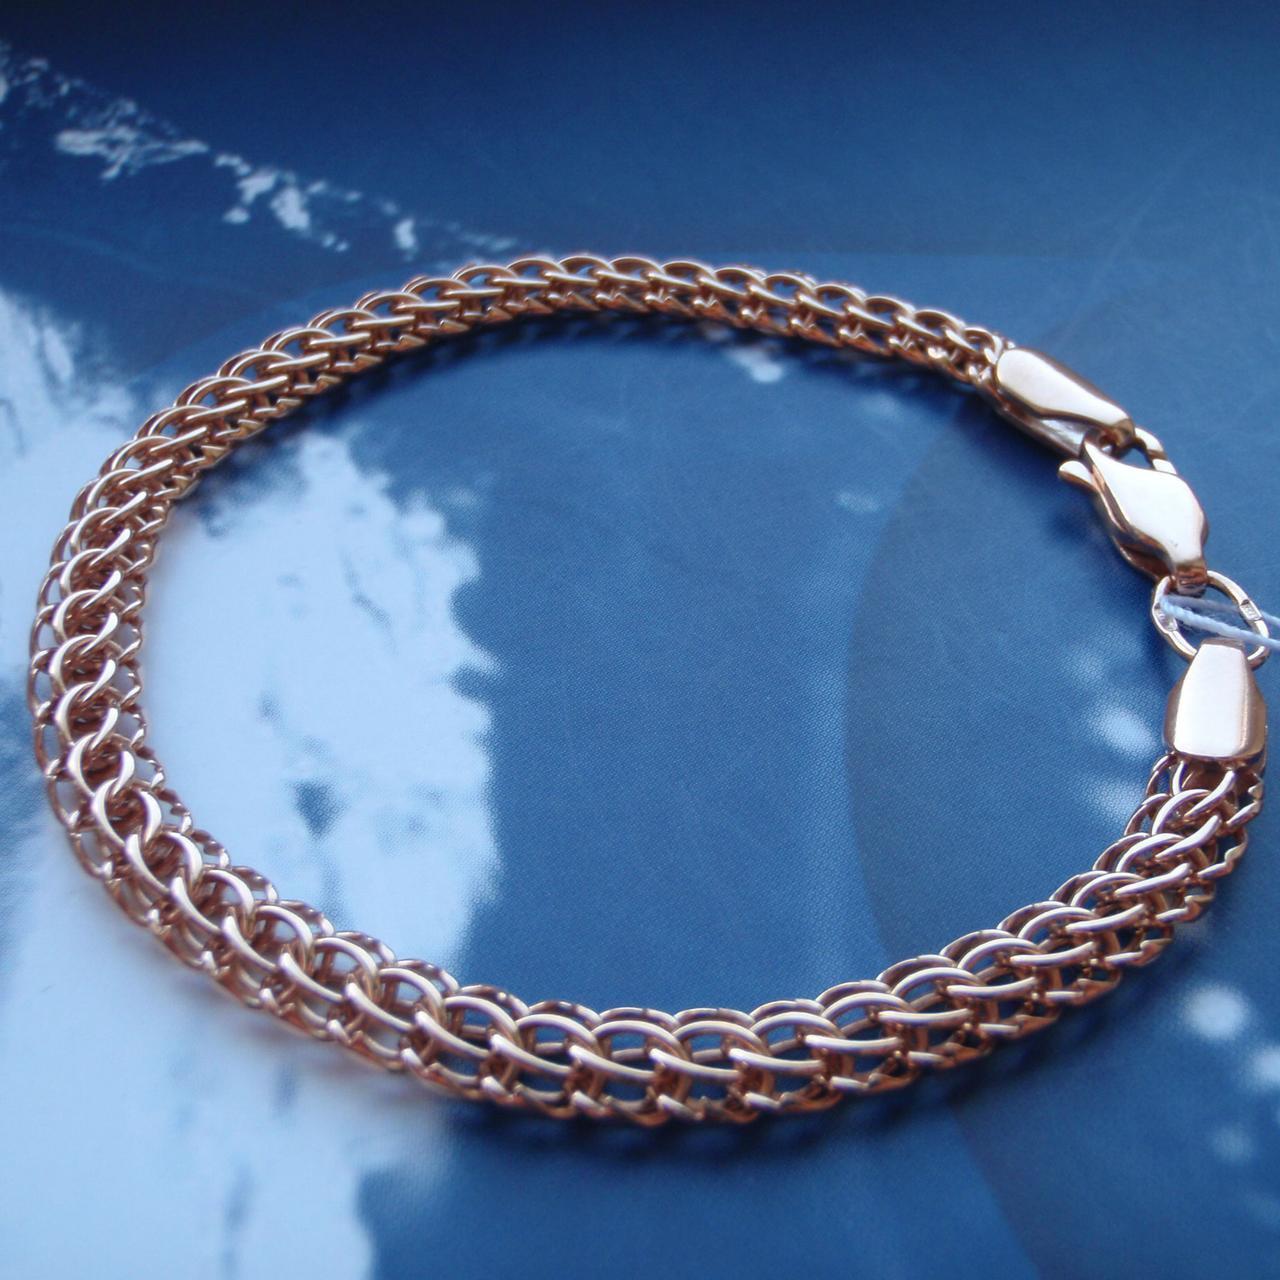 Срібний позолочений браслети, 225мм, 11 грам, плетіння Пітон